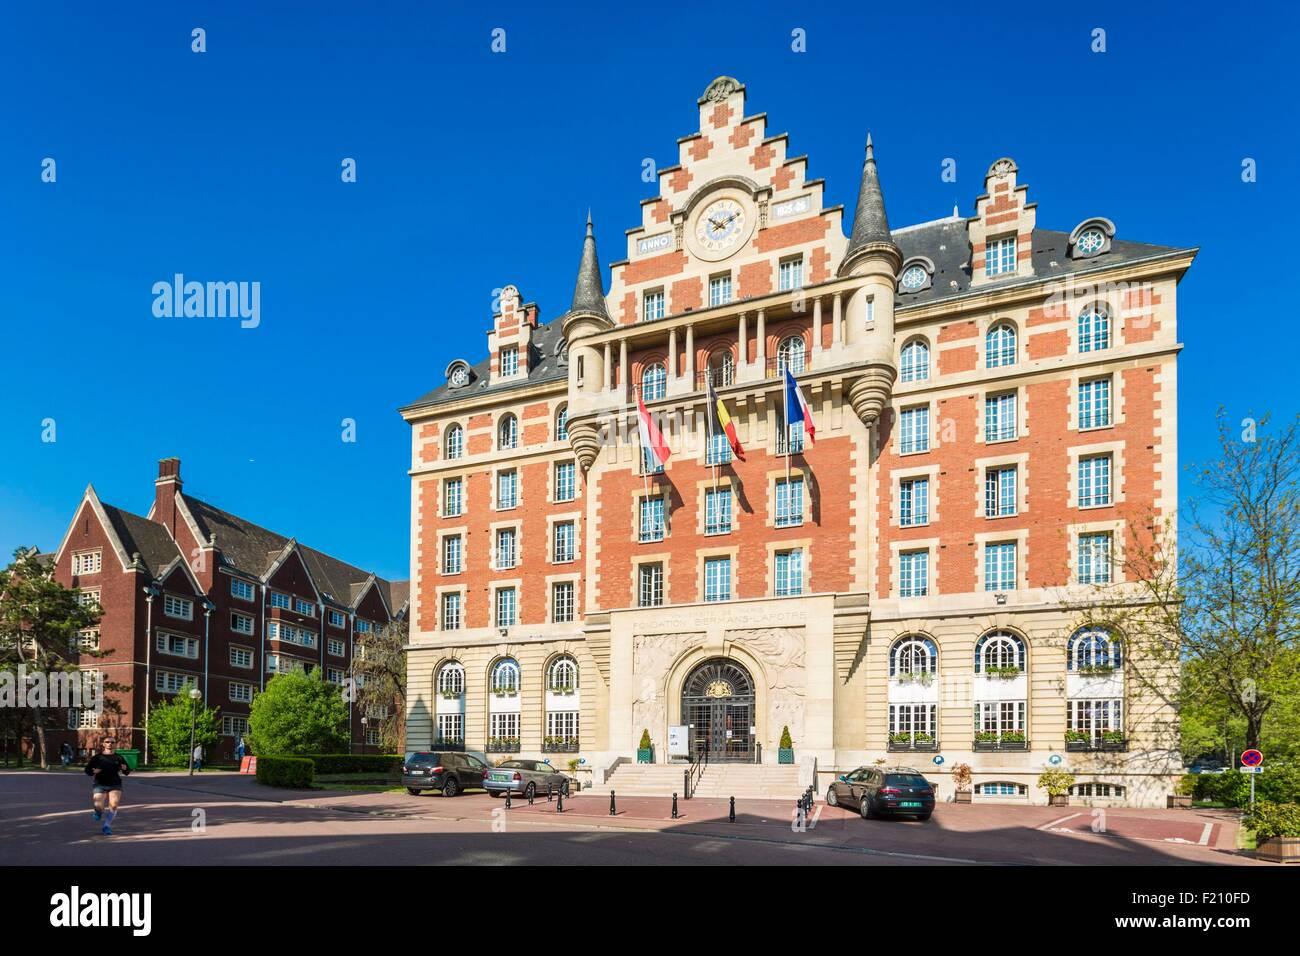 France, Paris, the University City, Biermans-Lapotre Foundation - Stock Image